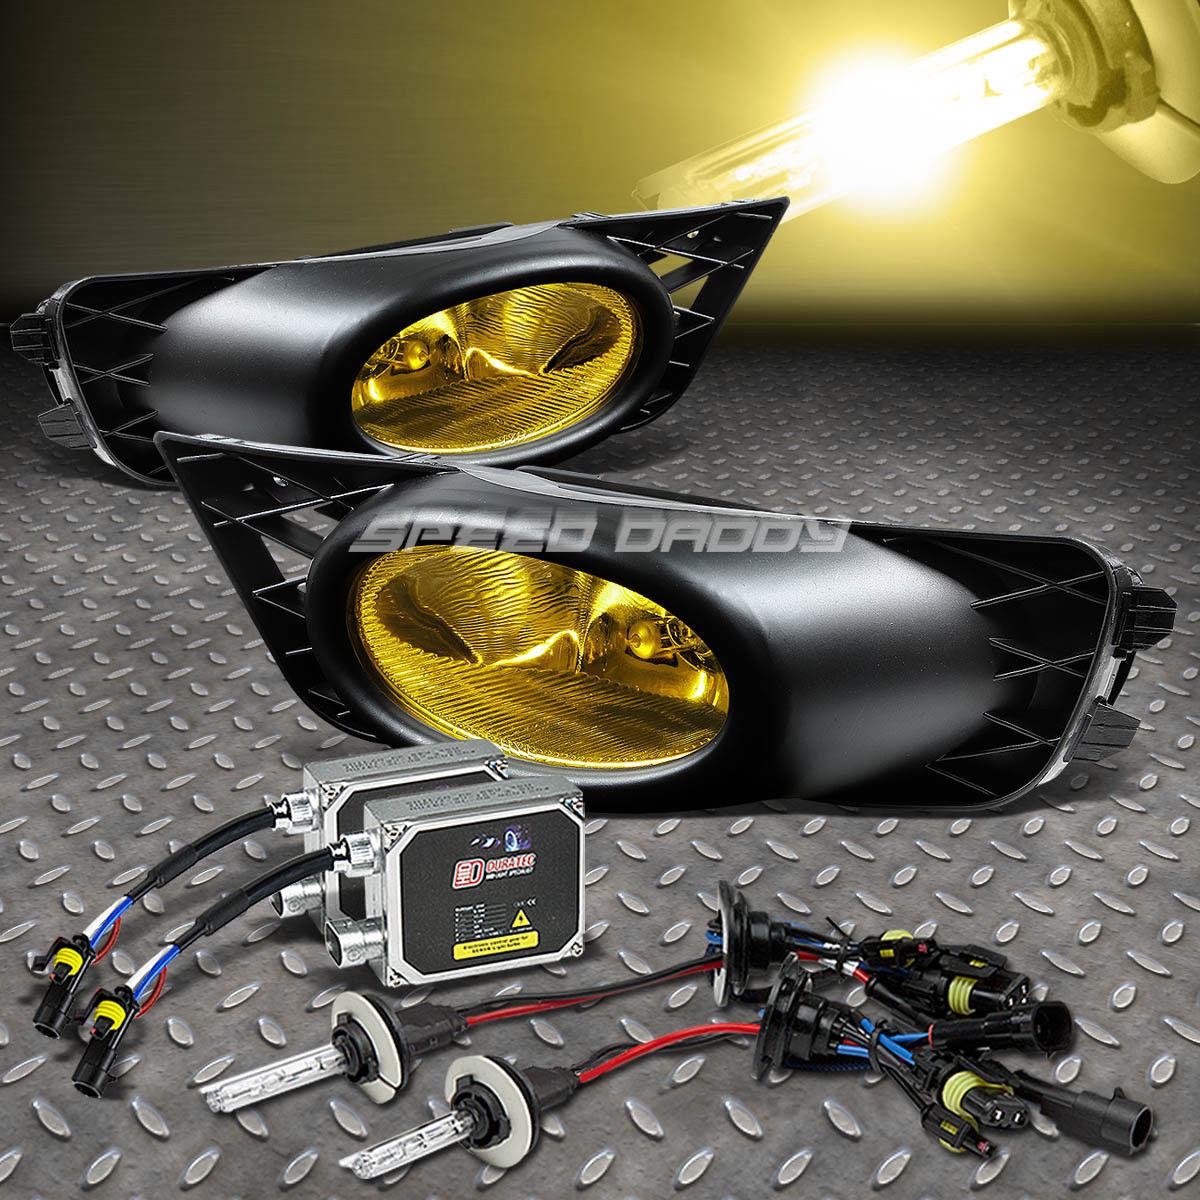 フォグライト AMBER LENS DRIVING BUMPER OE FOG LIGHT/LAMP+3K HID FOR 09-11 CIVIC 4DR FA/FD AMBERレンズ駆動バンパーOE FOGライト/ランプ+ 3K HID for 09-11 CIVIC 4DR FA / FD